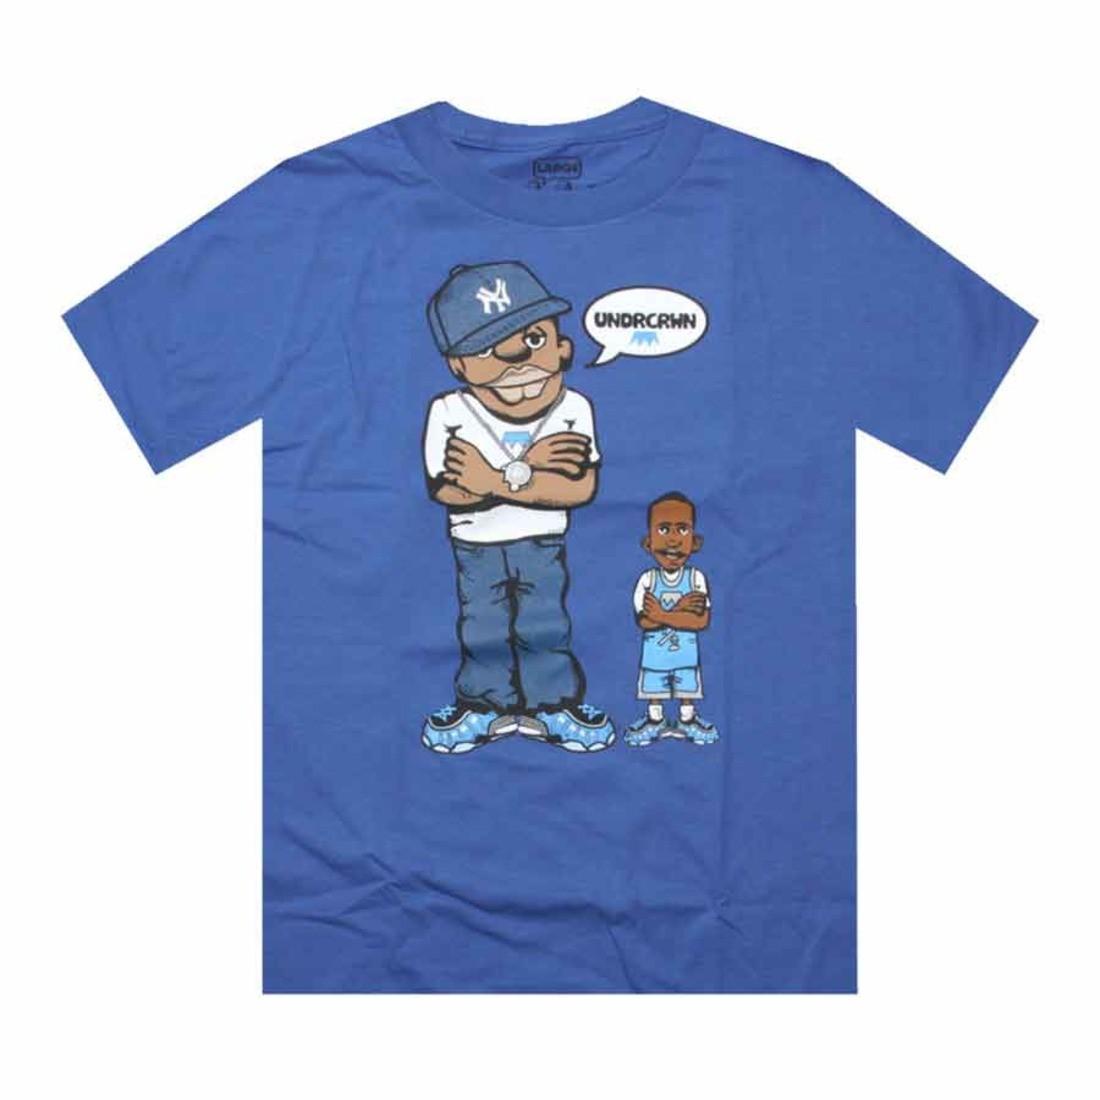 アンダークラウン Tシャツ 青 ブルー PICKYOURSHOES.COM 【 BLUE UNDRCRWN EXCLUSIVE MVPENNY TEE ROYAL 】 メンズファッション トップス Tシャツ カットソー